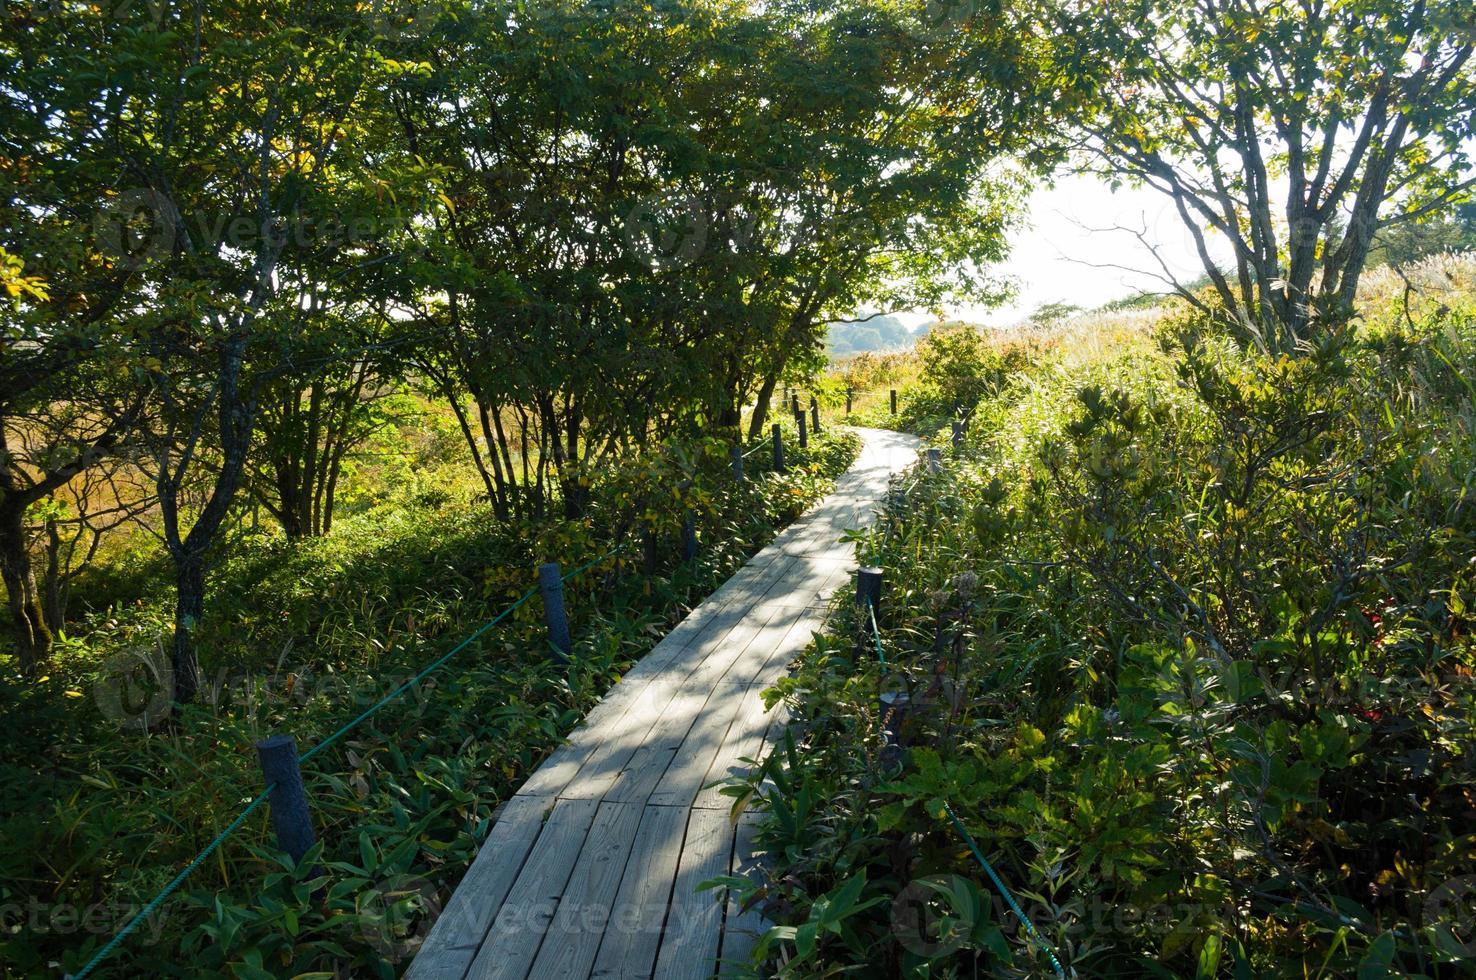 loopbrug van wetlands die gemaakt zijn door hout foto